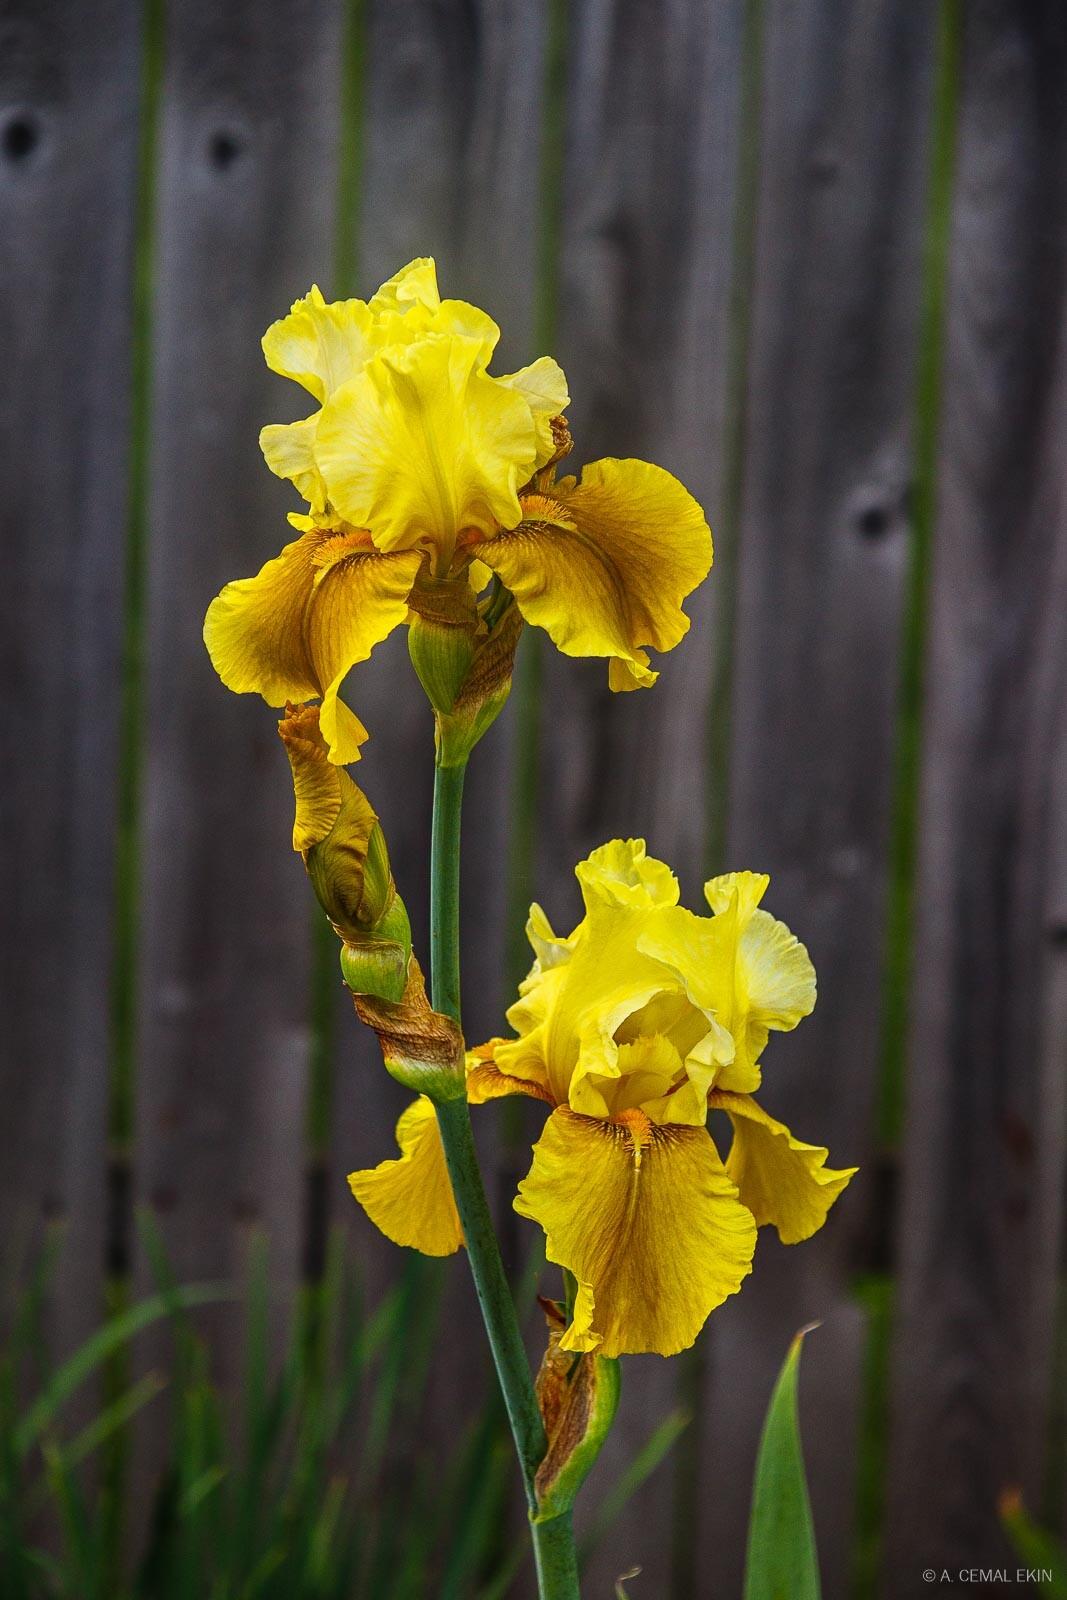 Yellow ireses